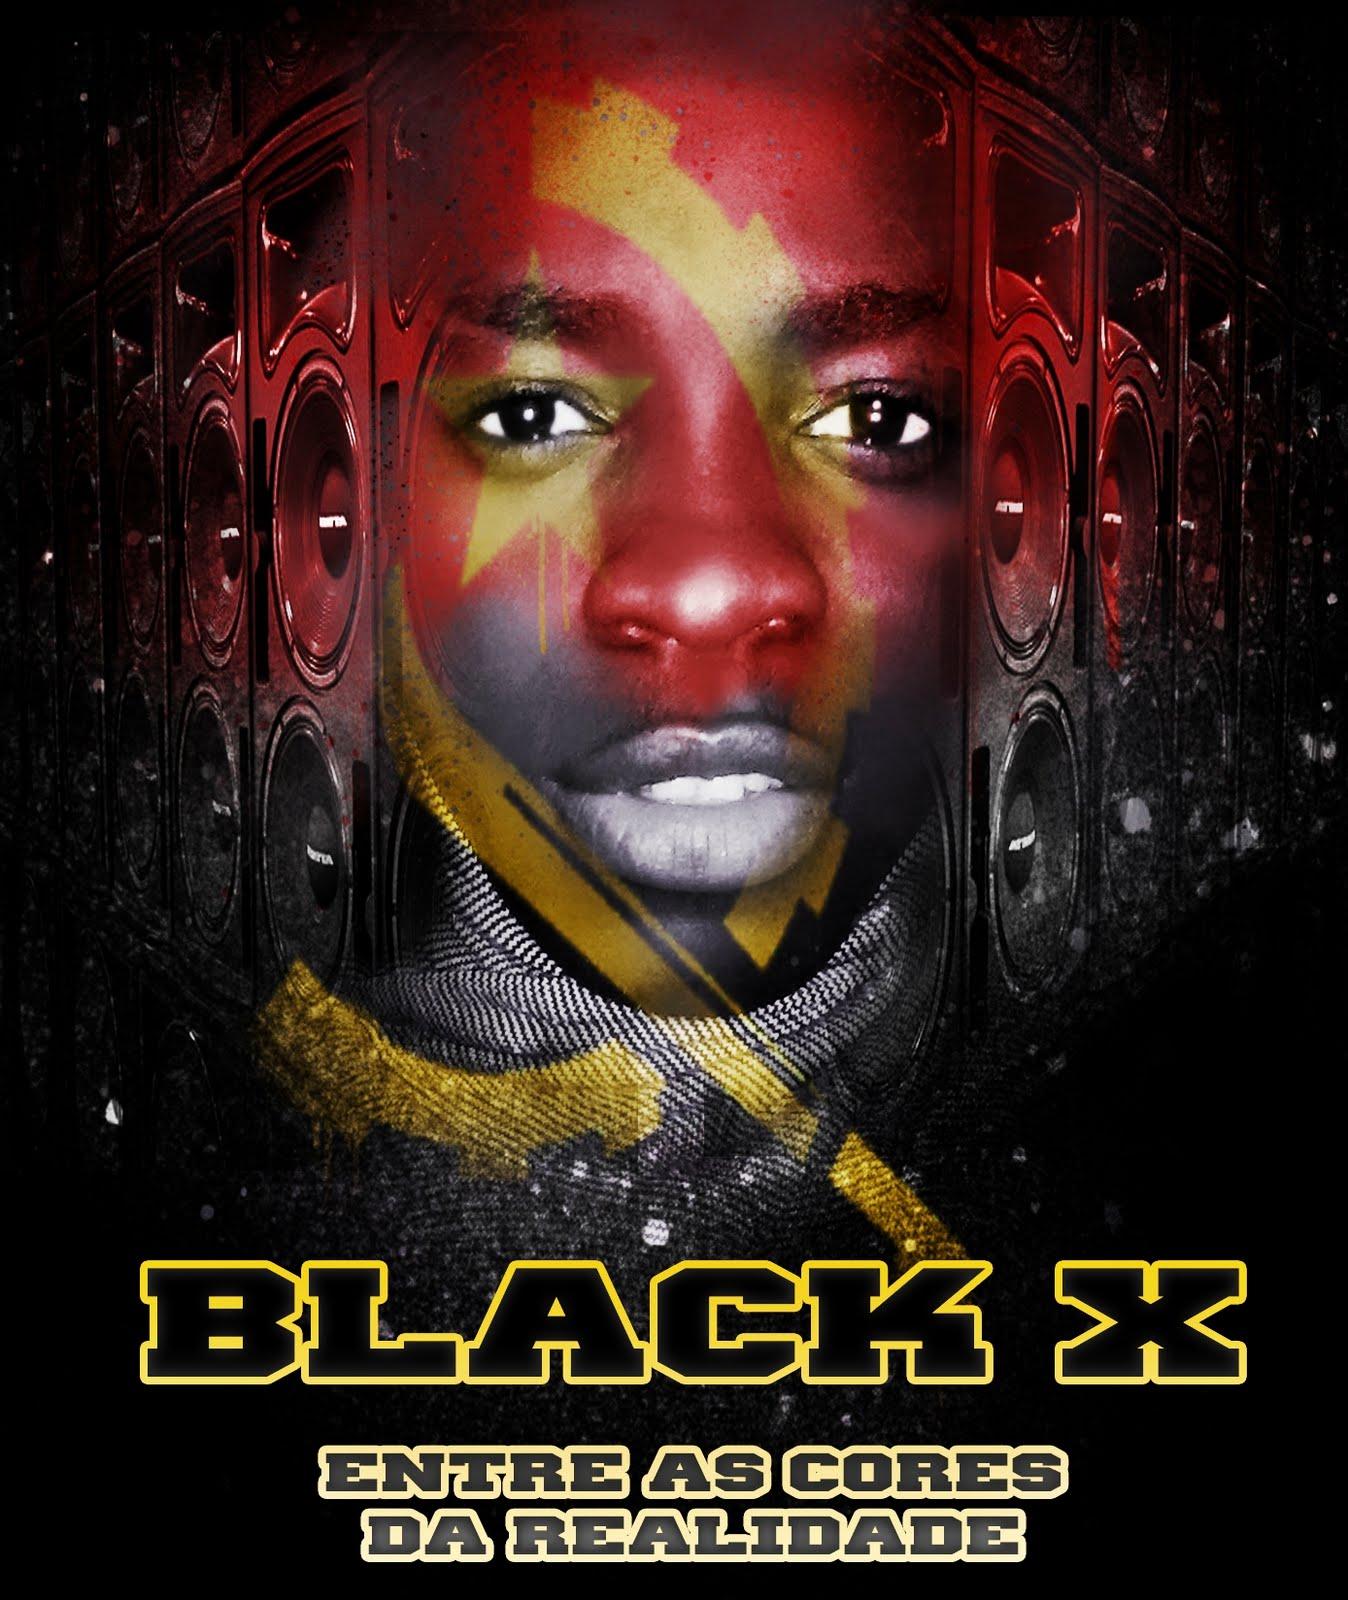 http://2.bp.blogspot.com/-aEp0VhETofg/Tp7fAWiYZ7I/AAAAAAAAGqk/jkW4kvL21bs/s1600/BLACK%2BX%2BCOVER%2BFRONT.jpg